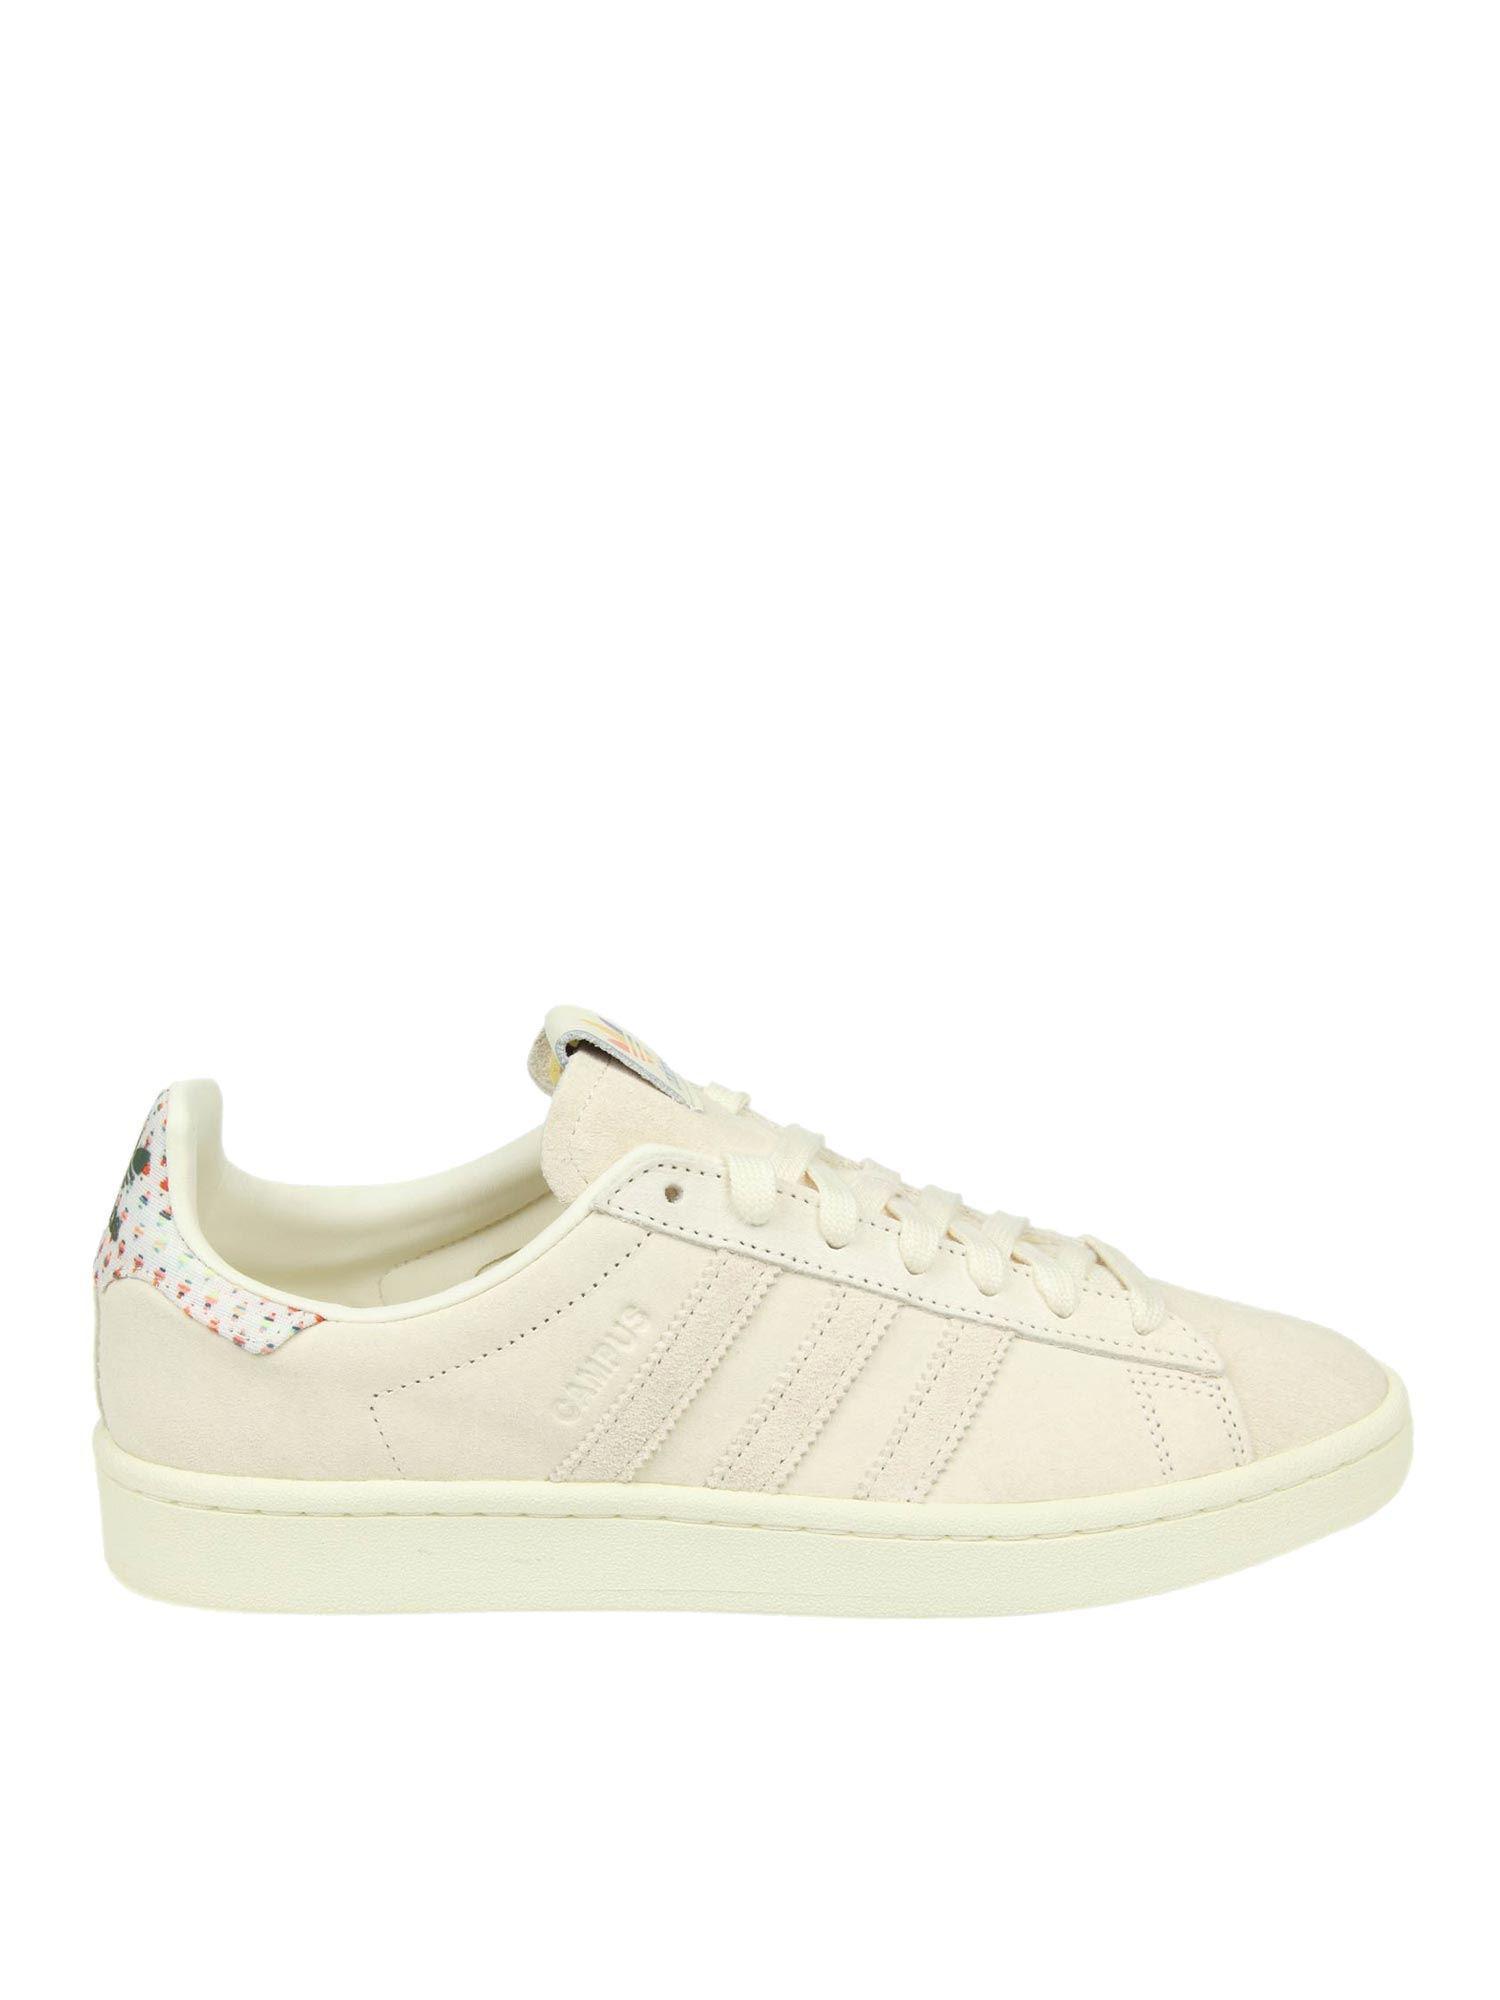 e6f23279c2be Lyst - adidas Originals Campus Pride Cream-colored Sneakers in ...